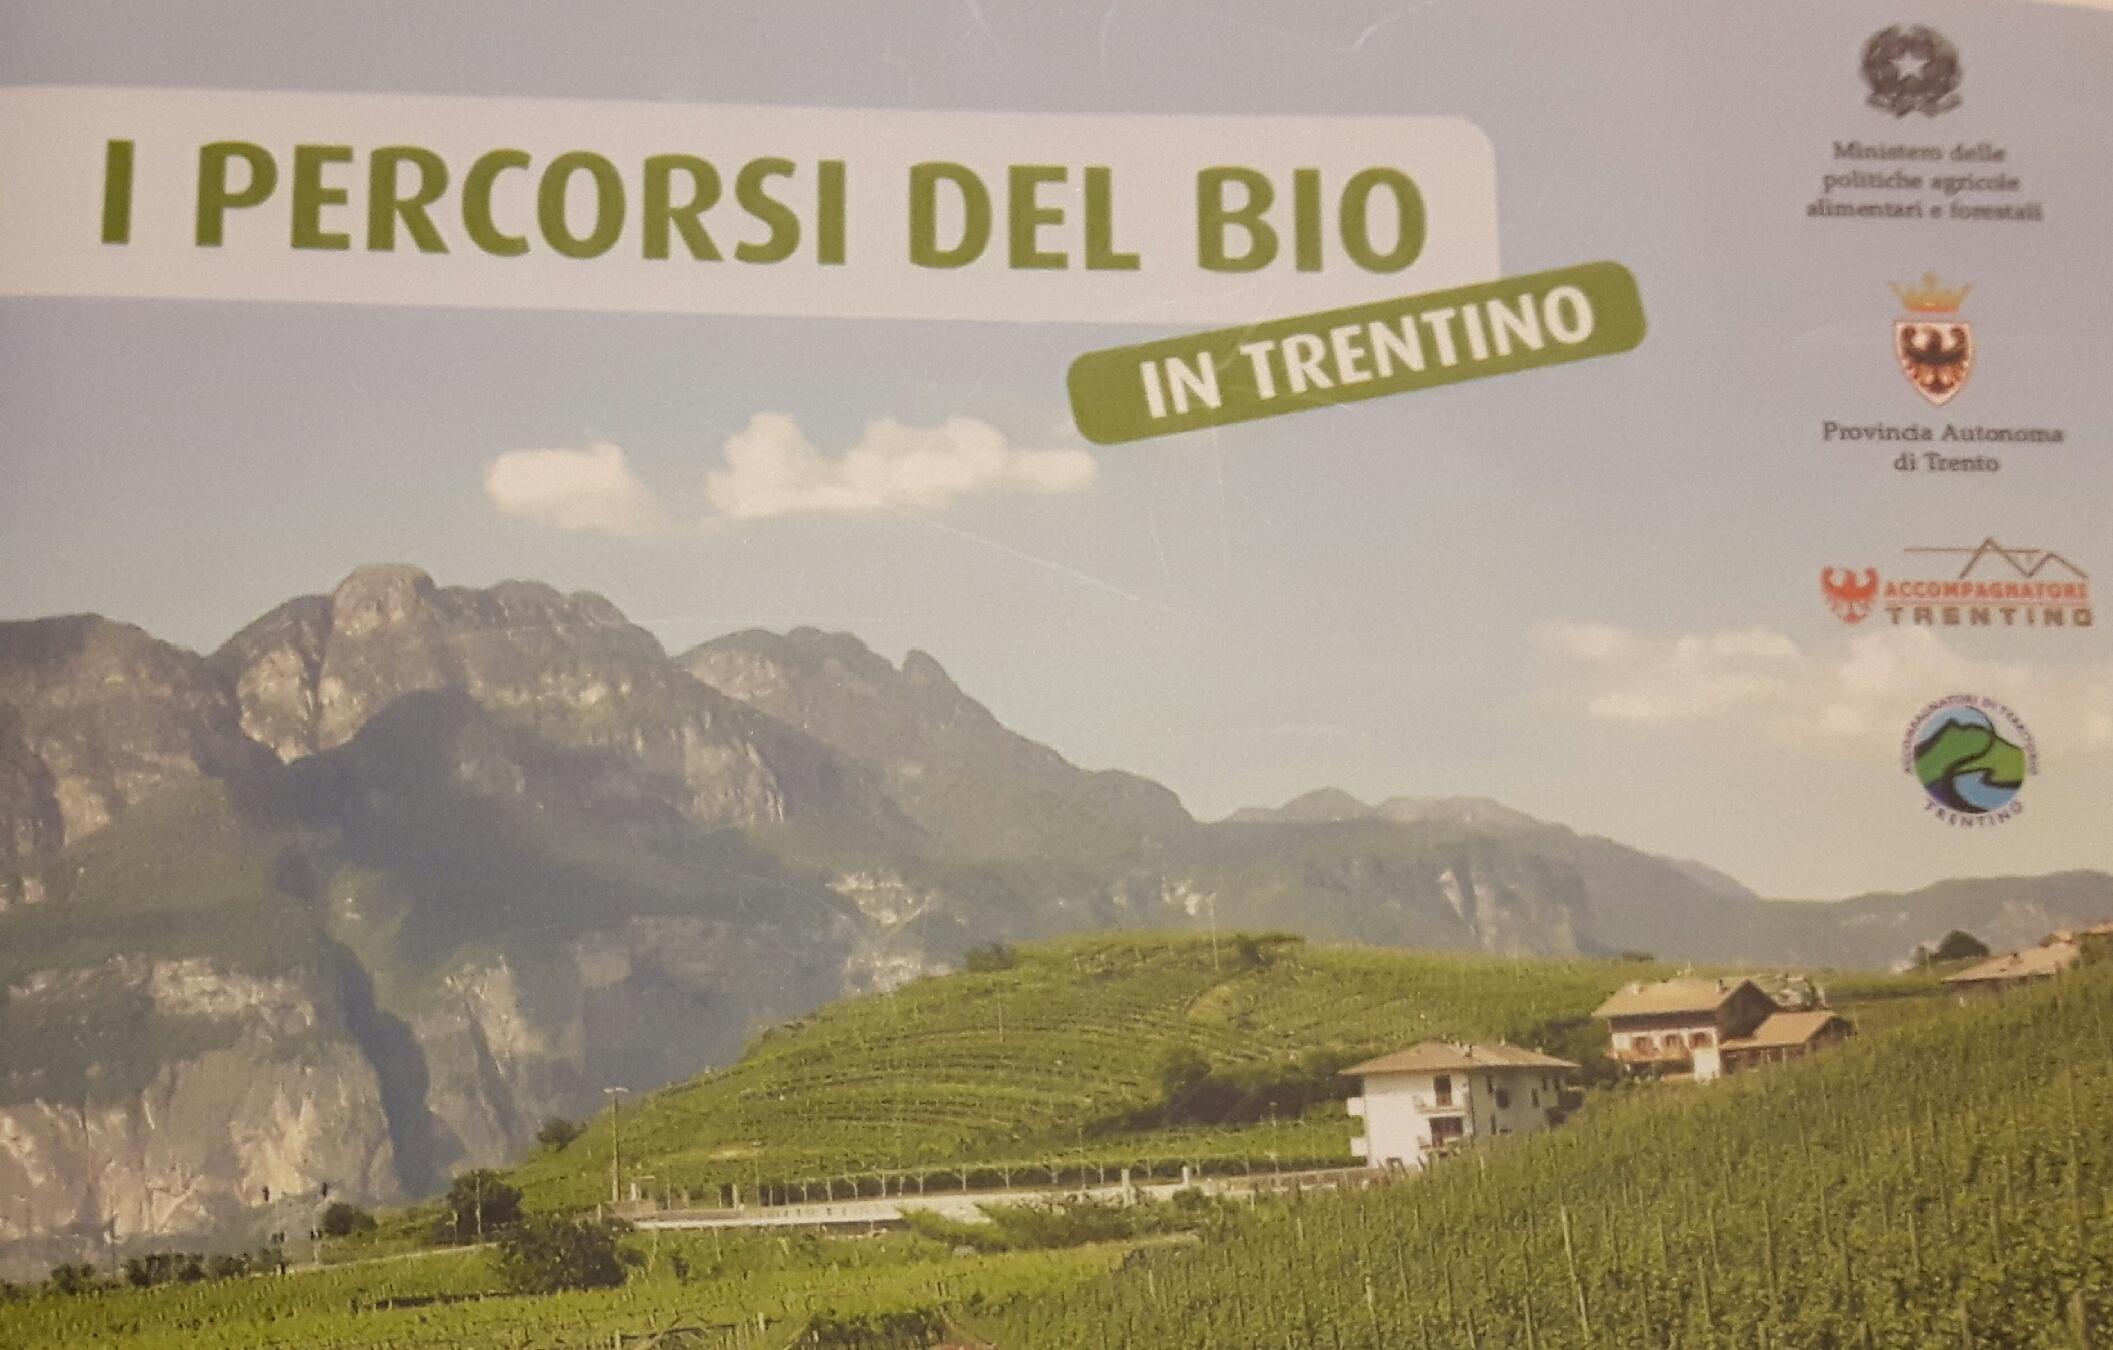 Mozione: un Percorso del Bio sulla collina ad est di Trento